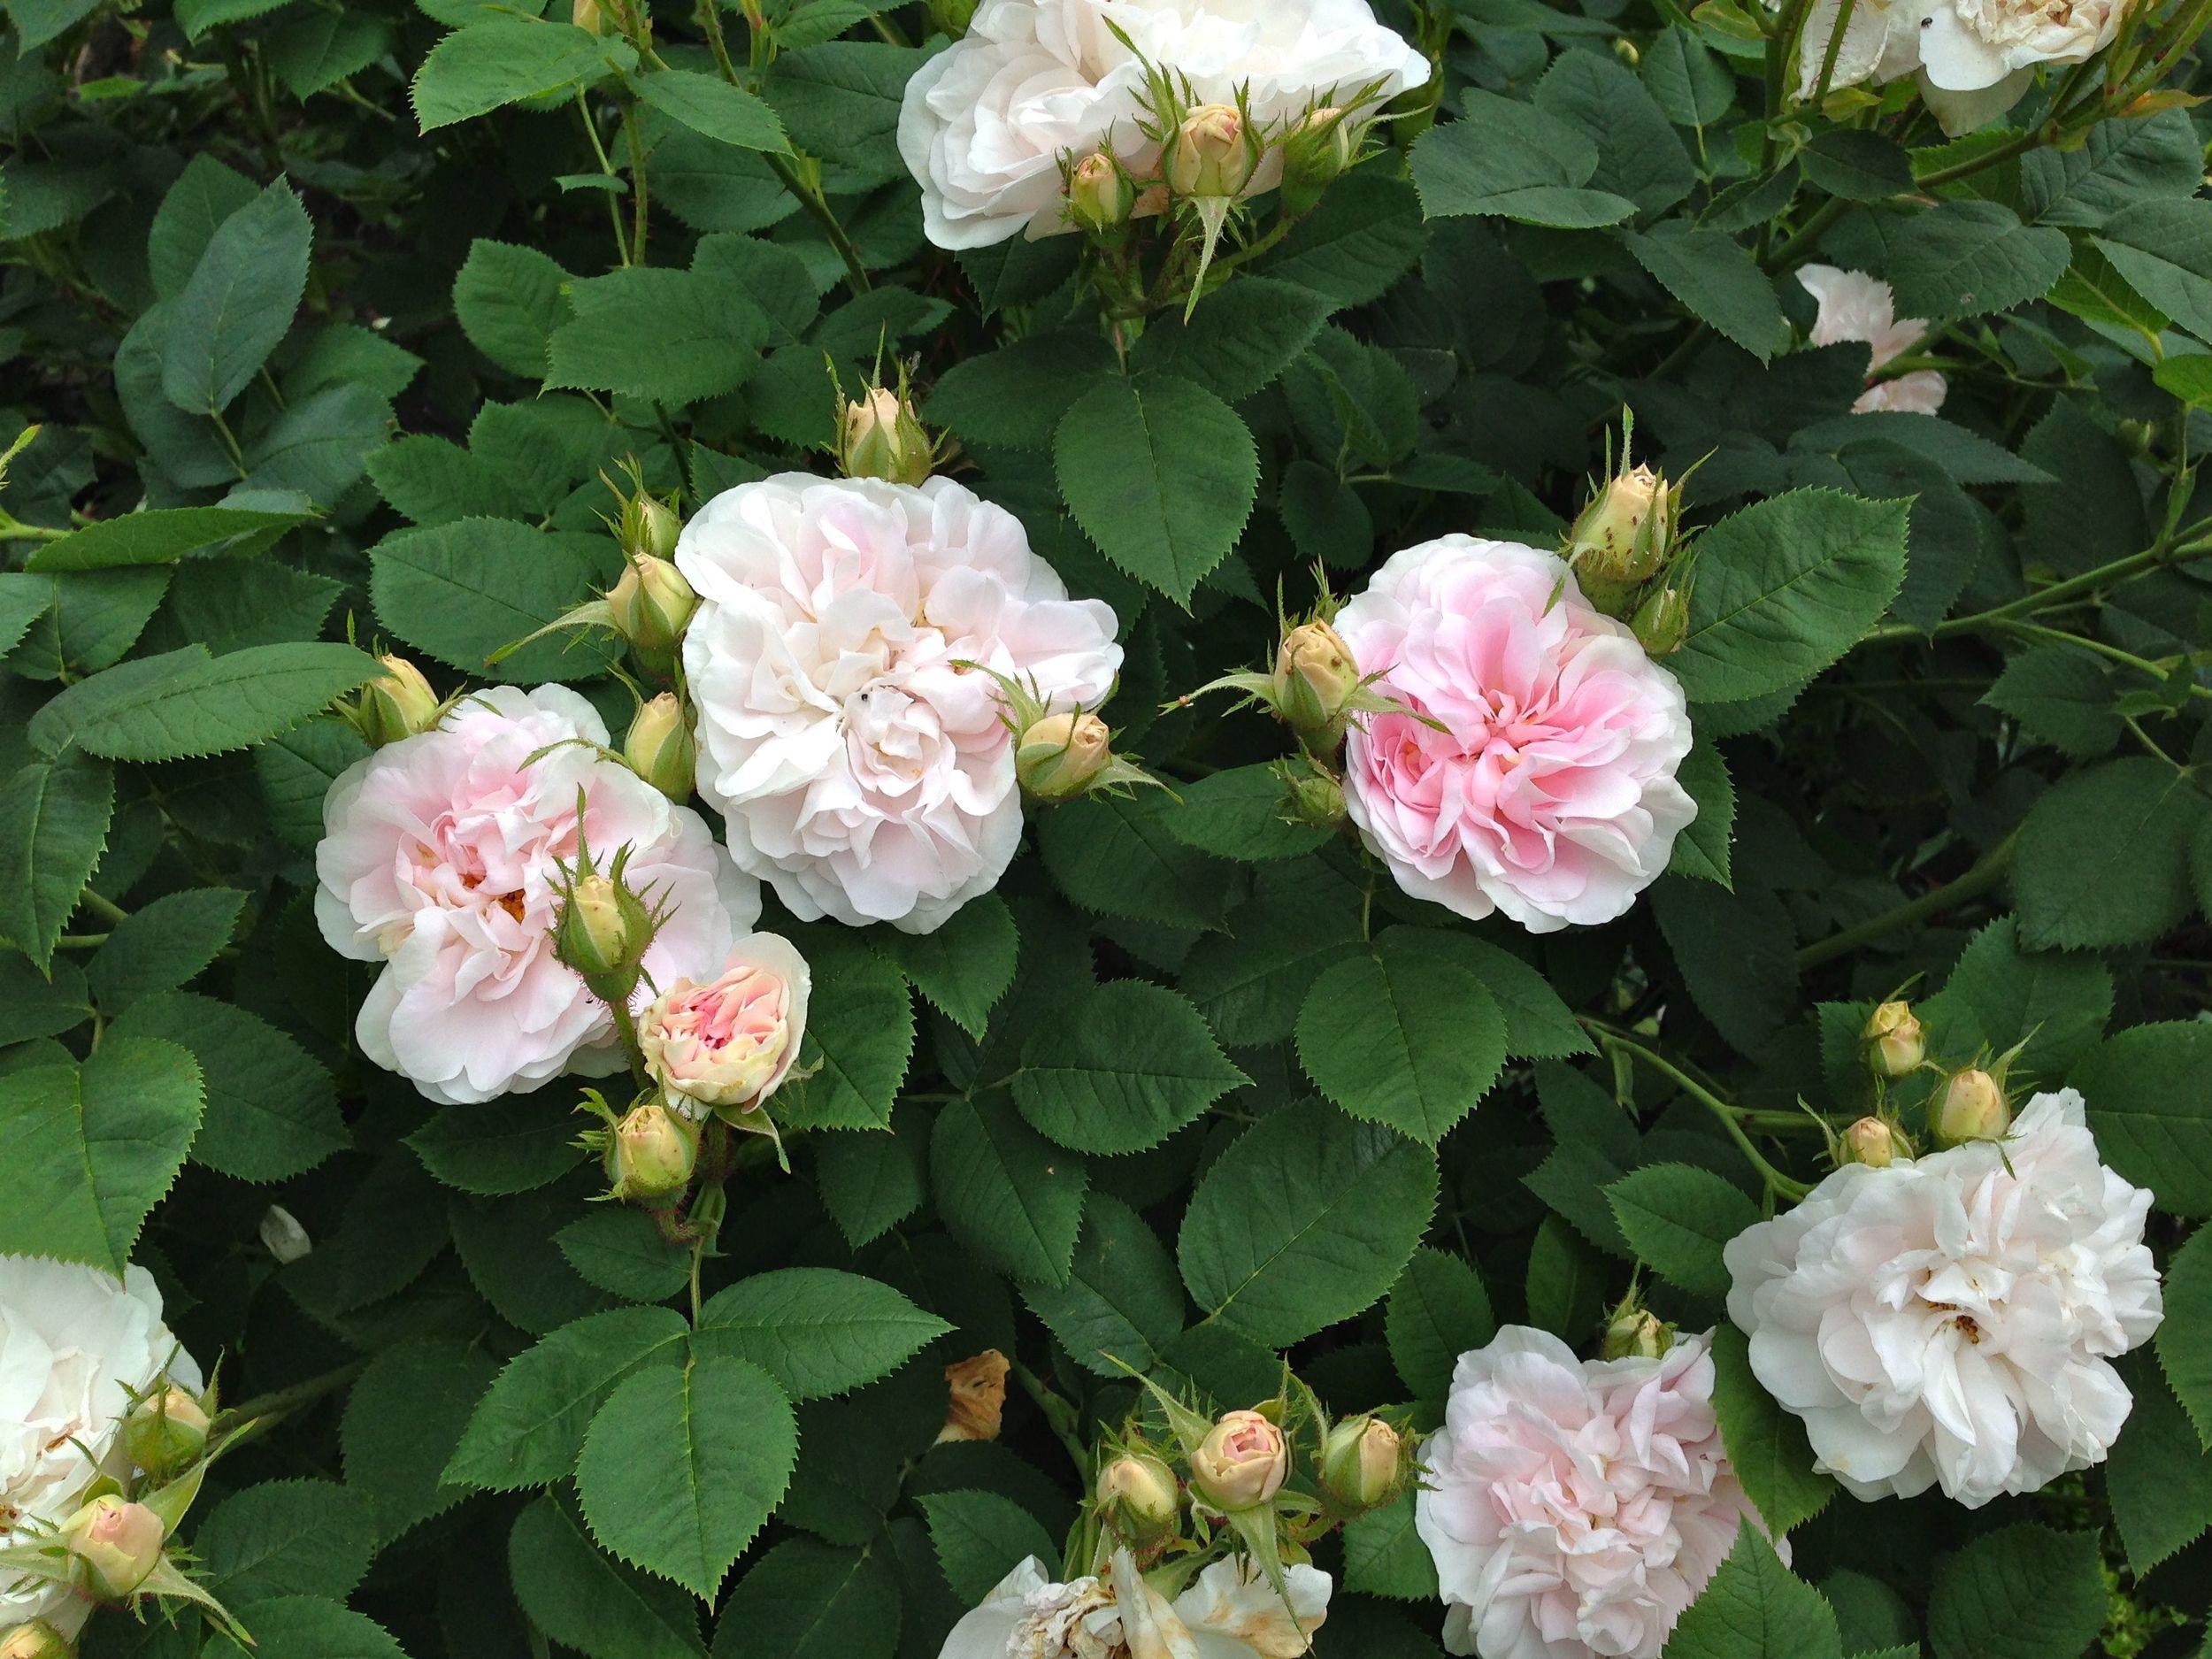 Maiden's Blush in full flower.